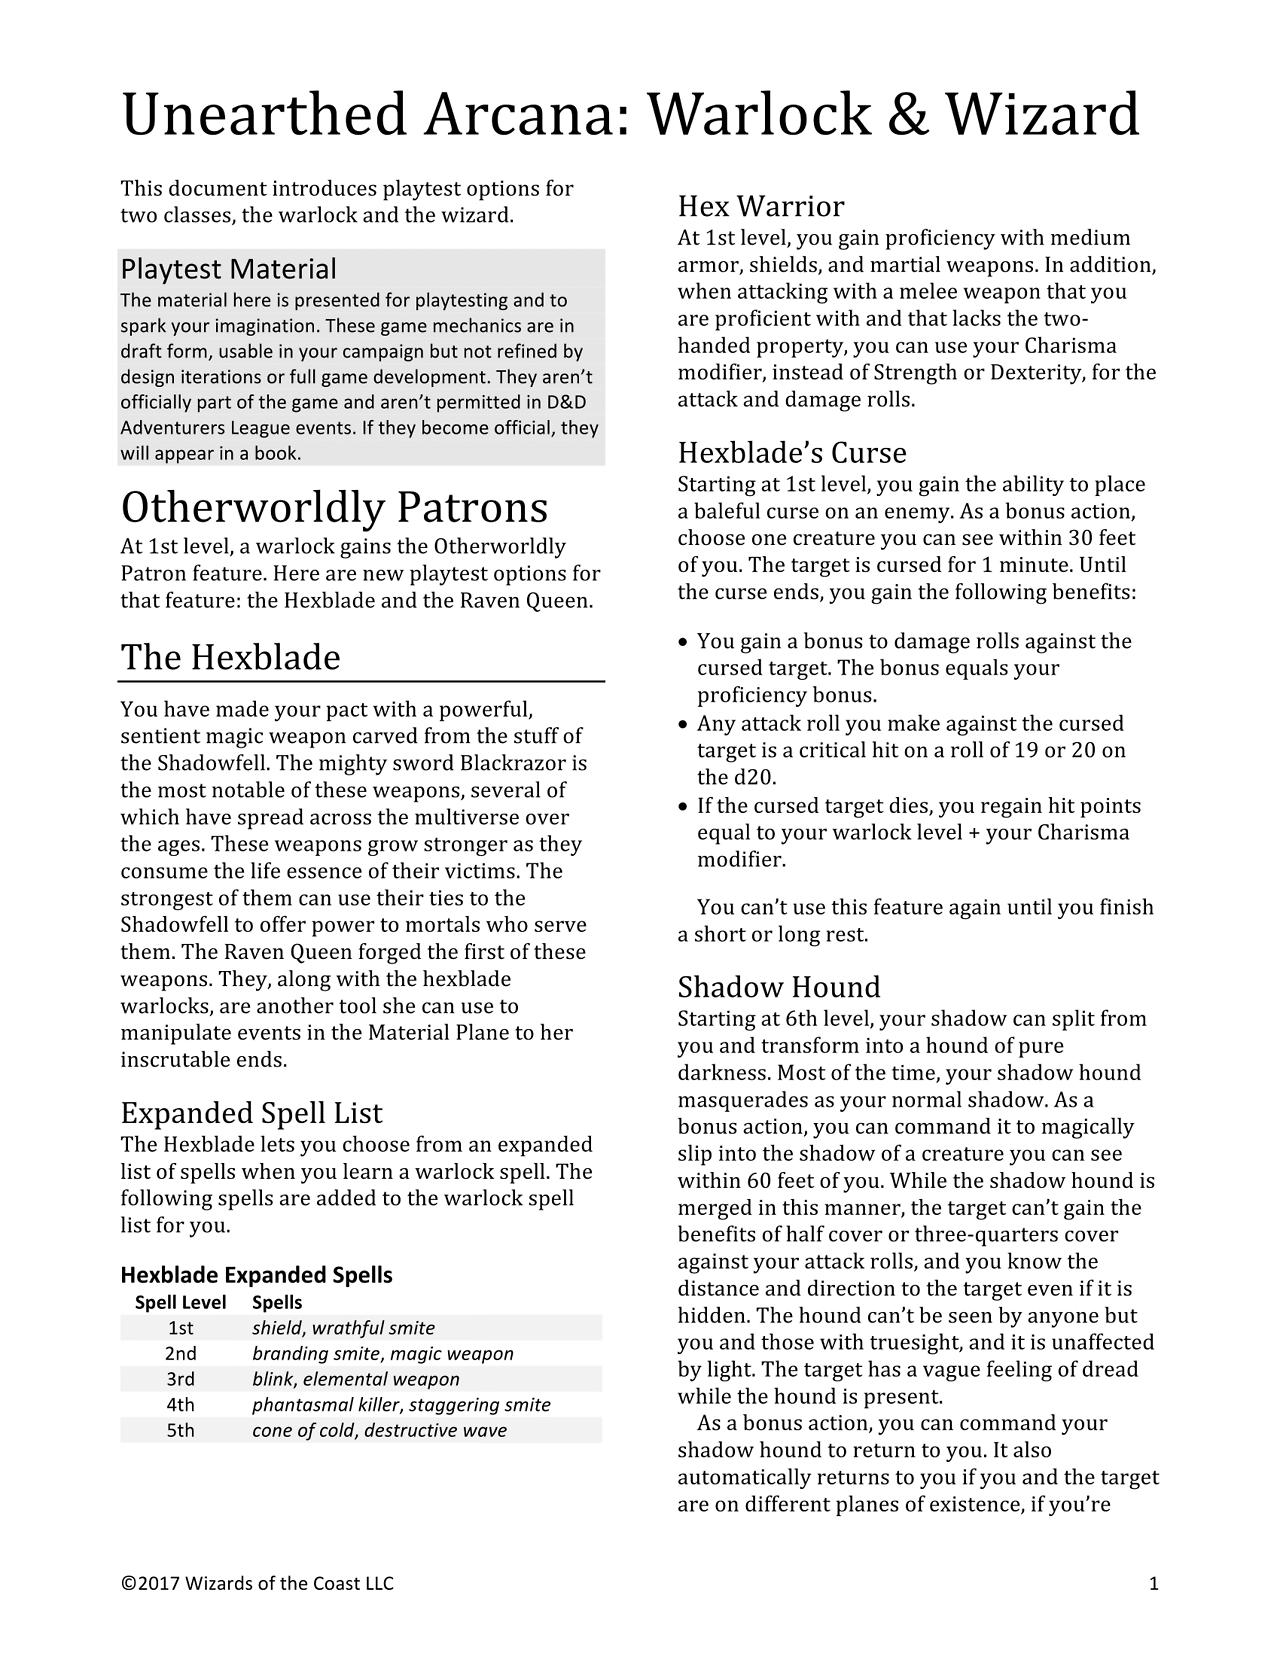 Unearthed Arcana Warlock & Wizard: Hexblade, Raven Queen